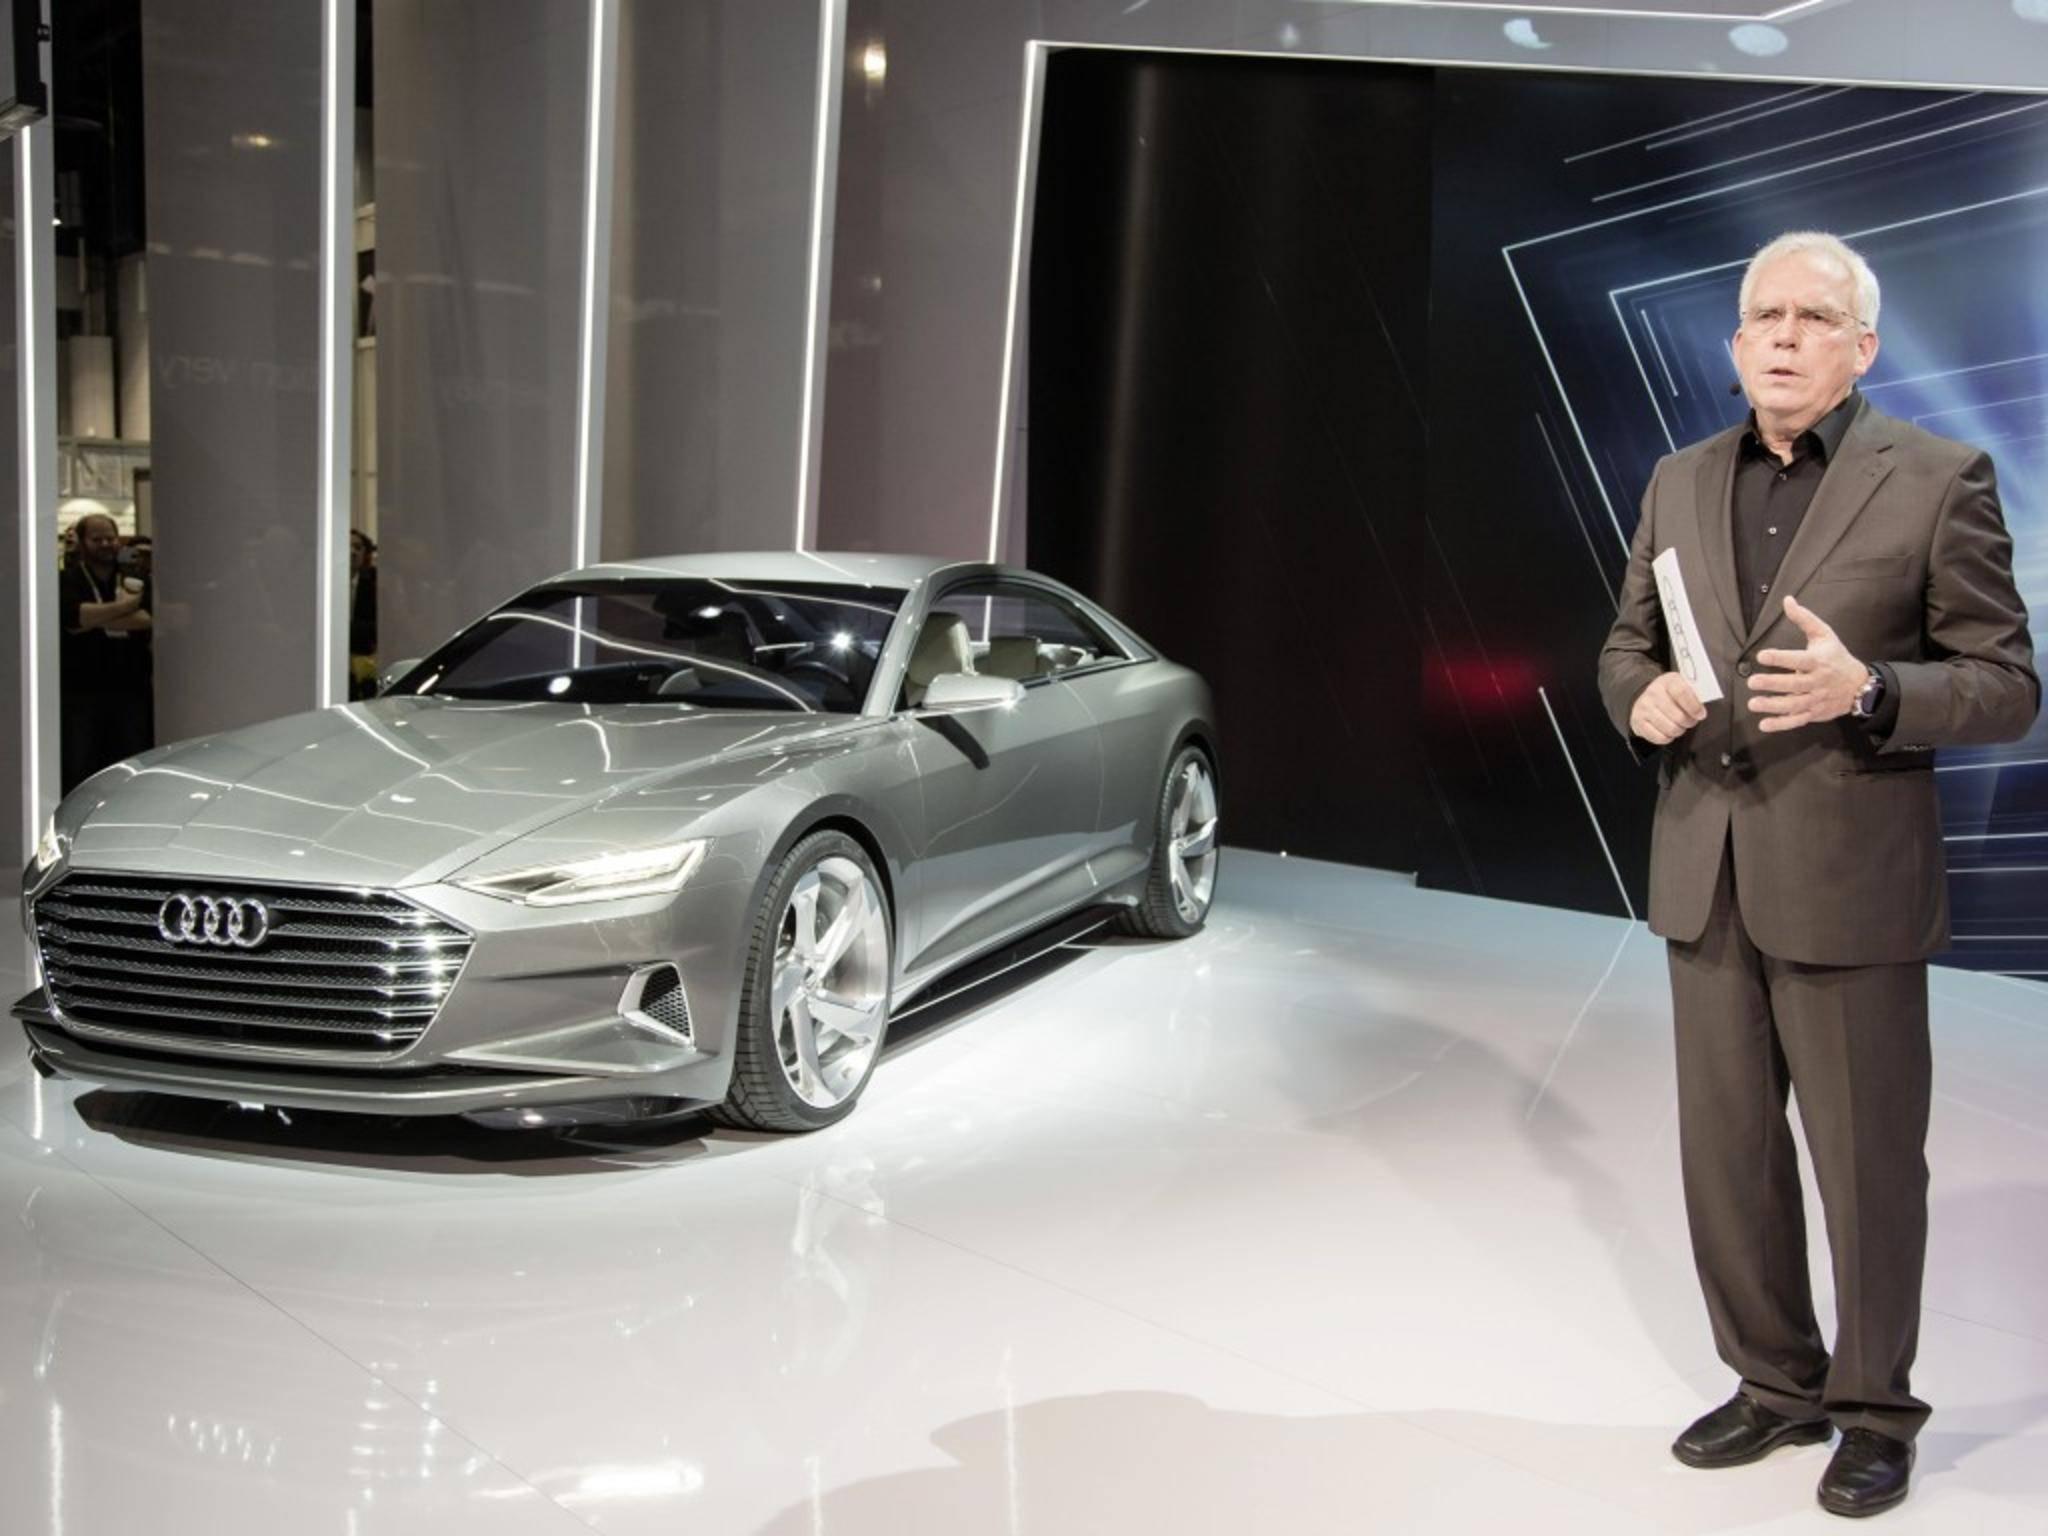 Prof. Dr. Ulrich Hackenberg ließ ein Audi-Modell per Smartwatch auf die Bühne fahren.